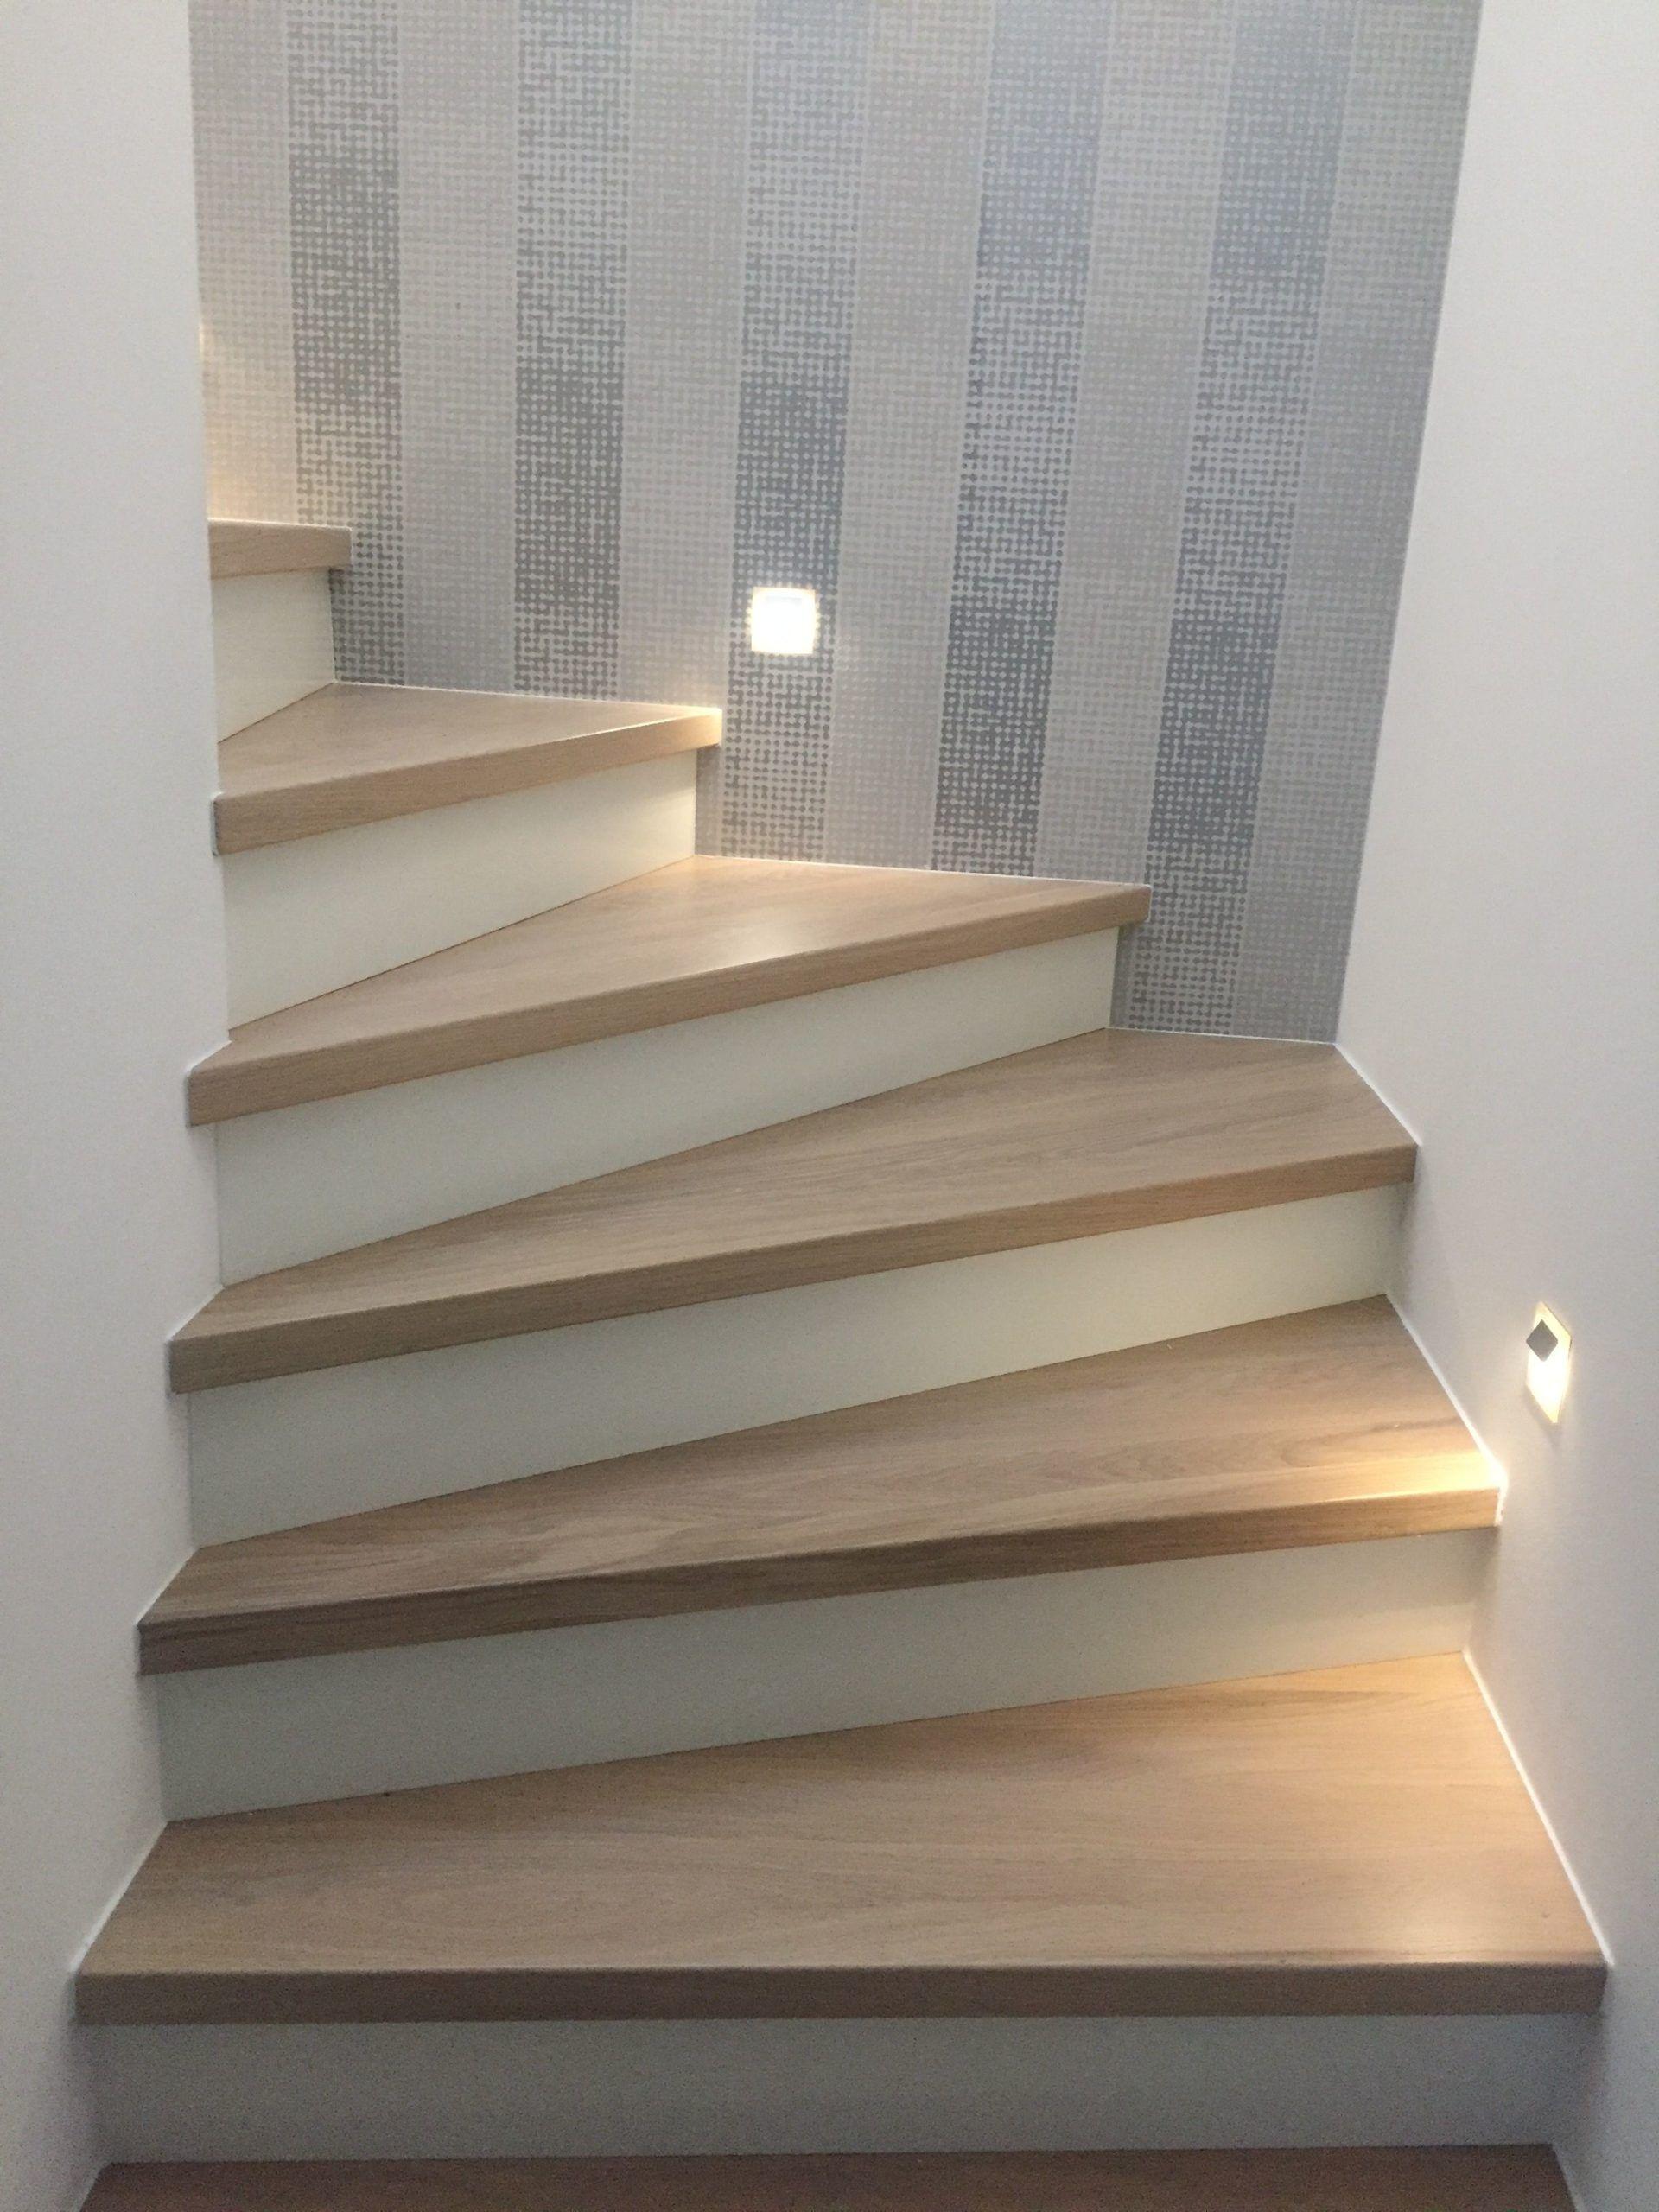 Eiche Stufen auf Beton Treppenbelag das Original